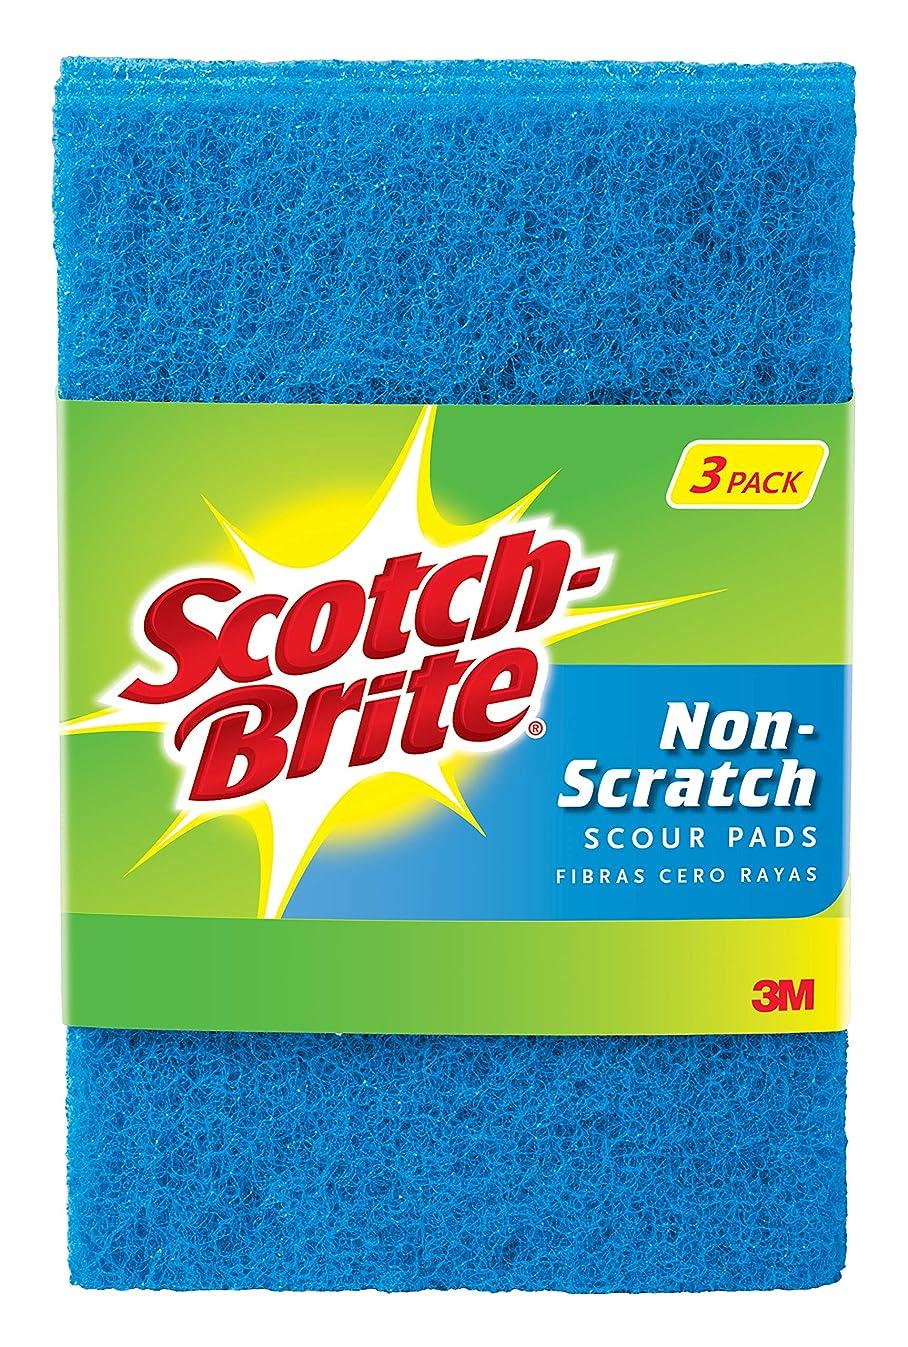 Scotch-Brite Non-Scratch Scour Pads Pack of 3